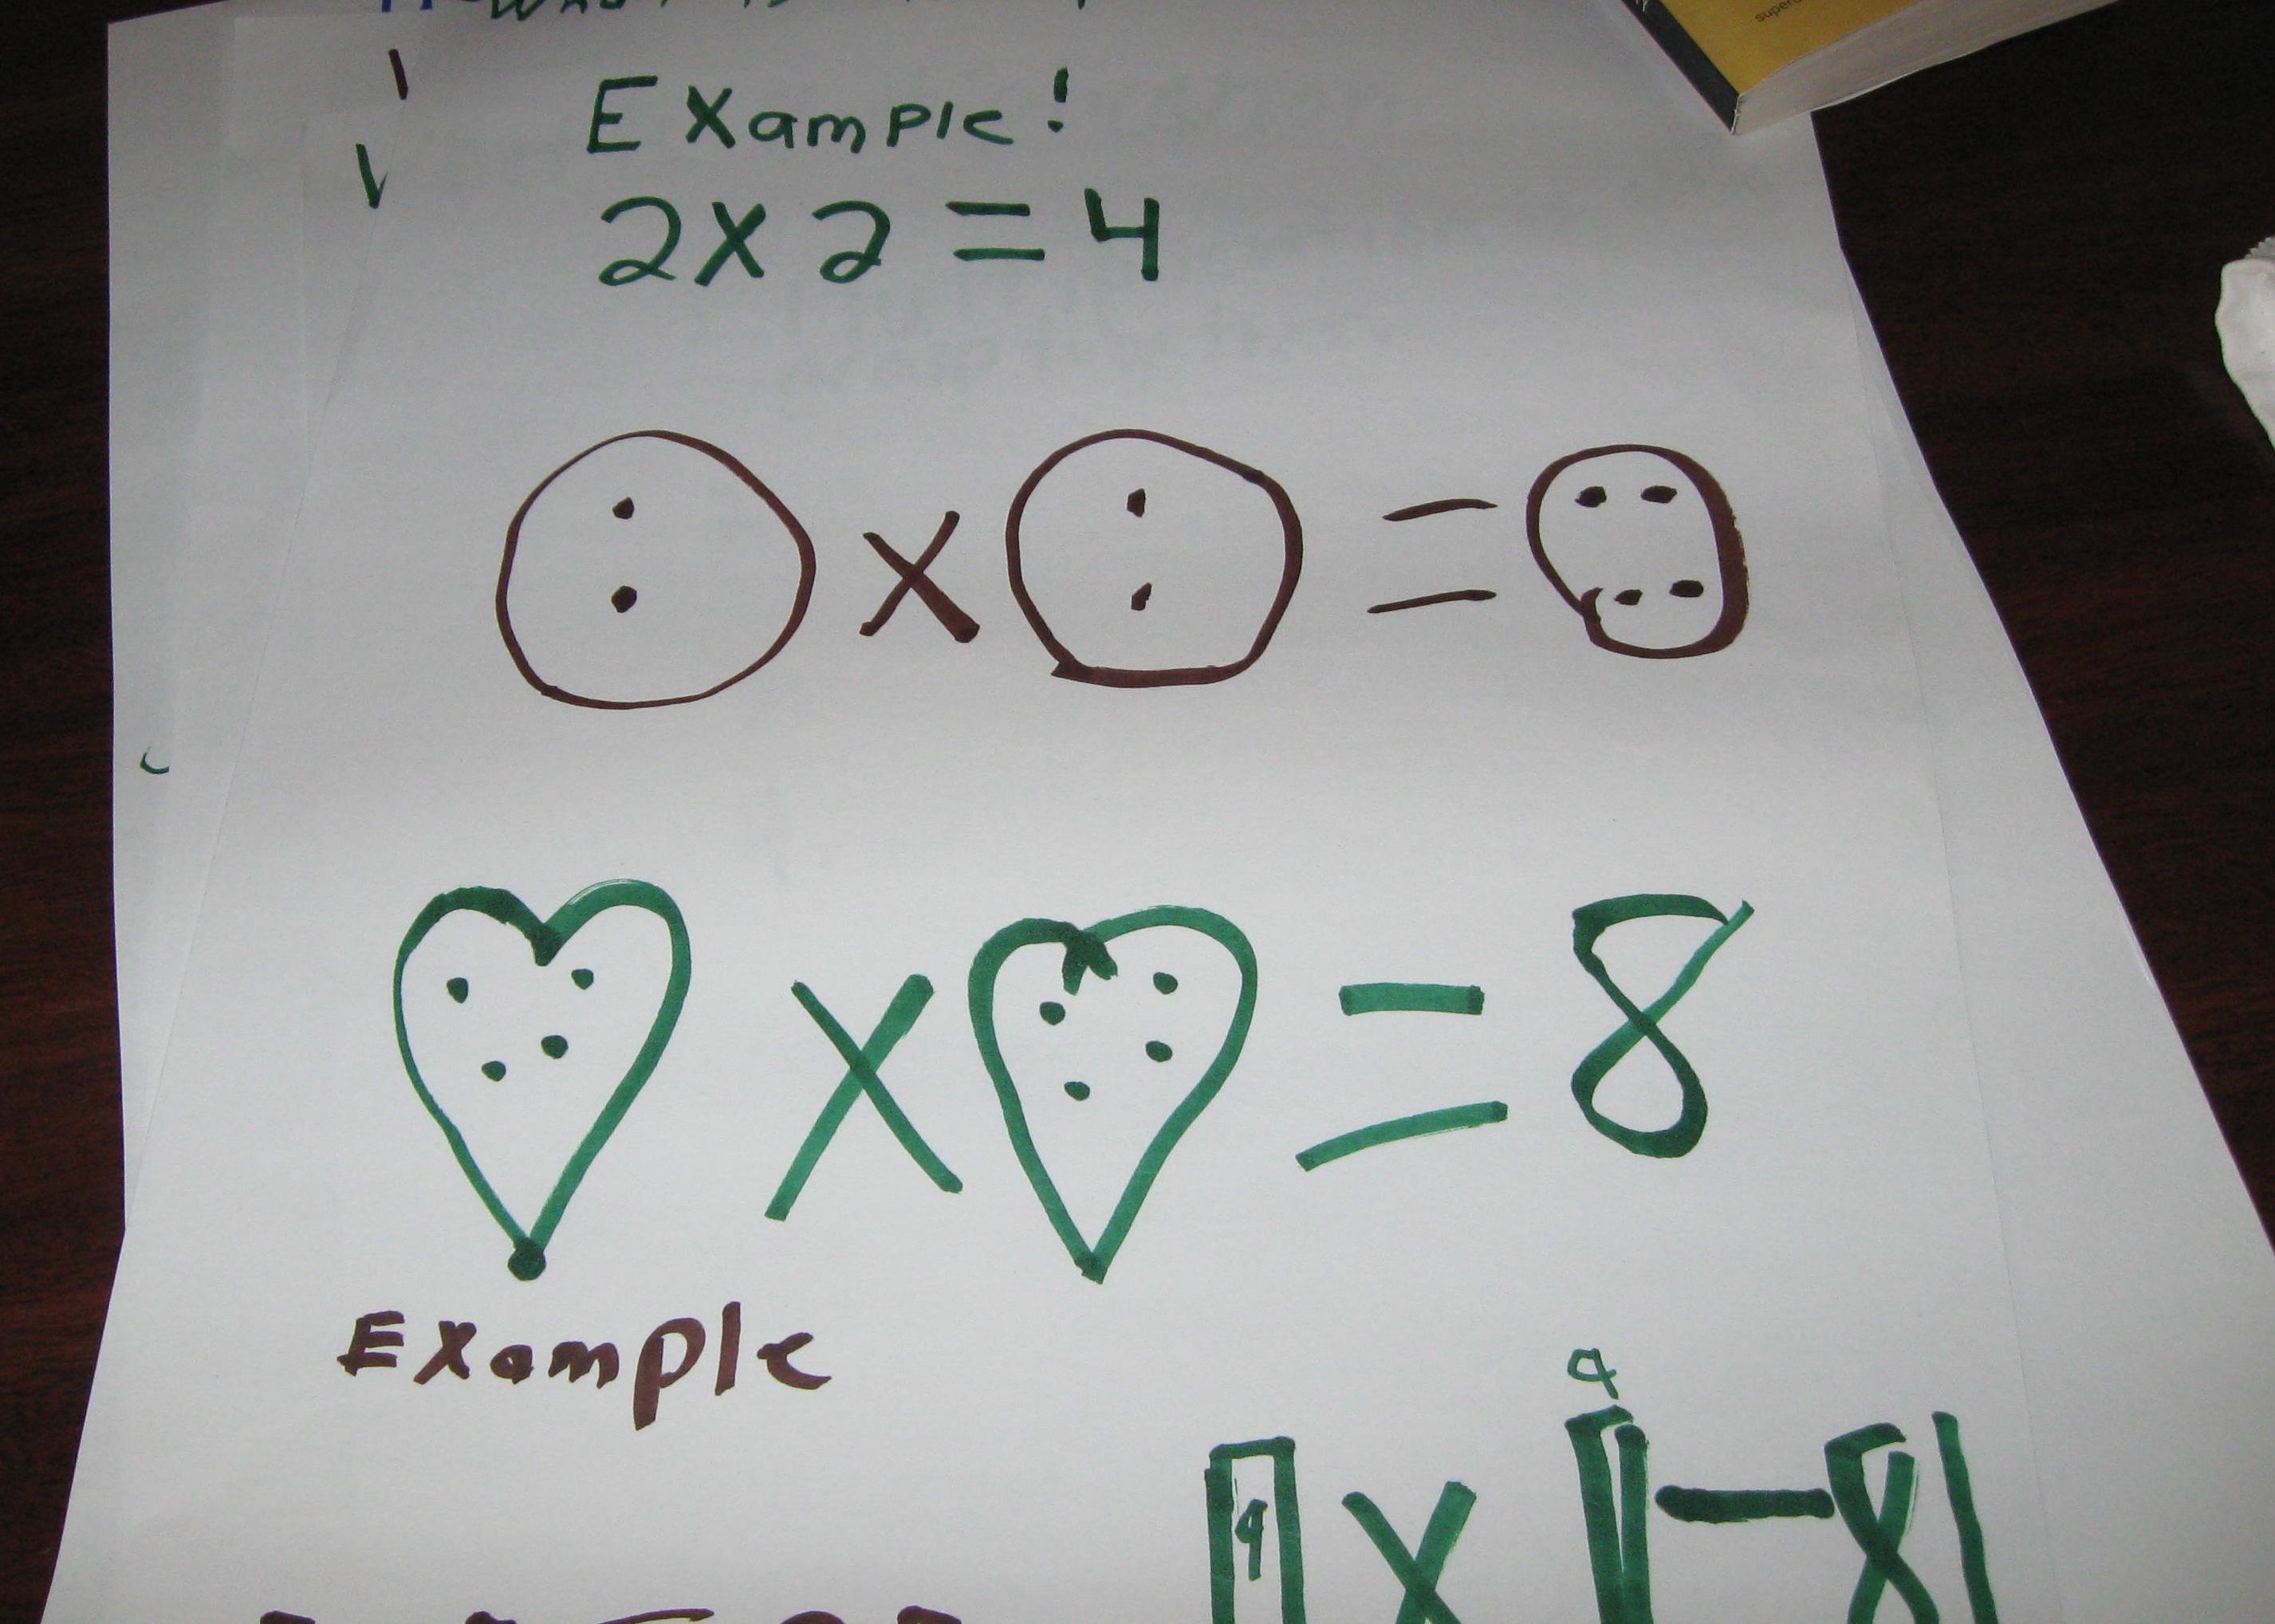 Not multiplication